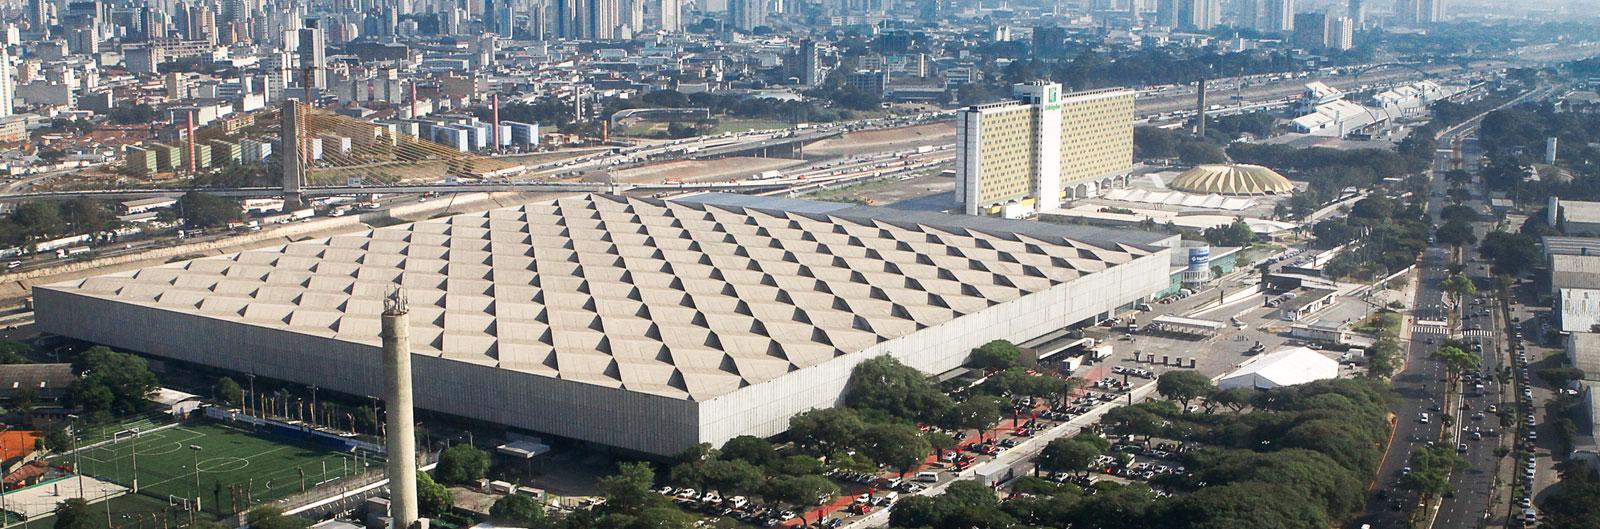 palácio de exposições do anhembi